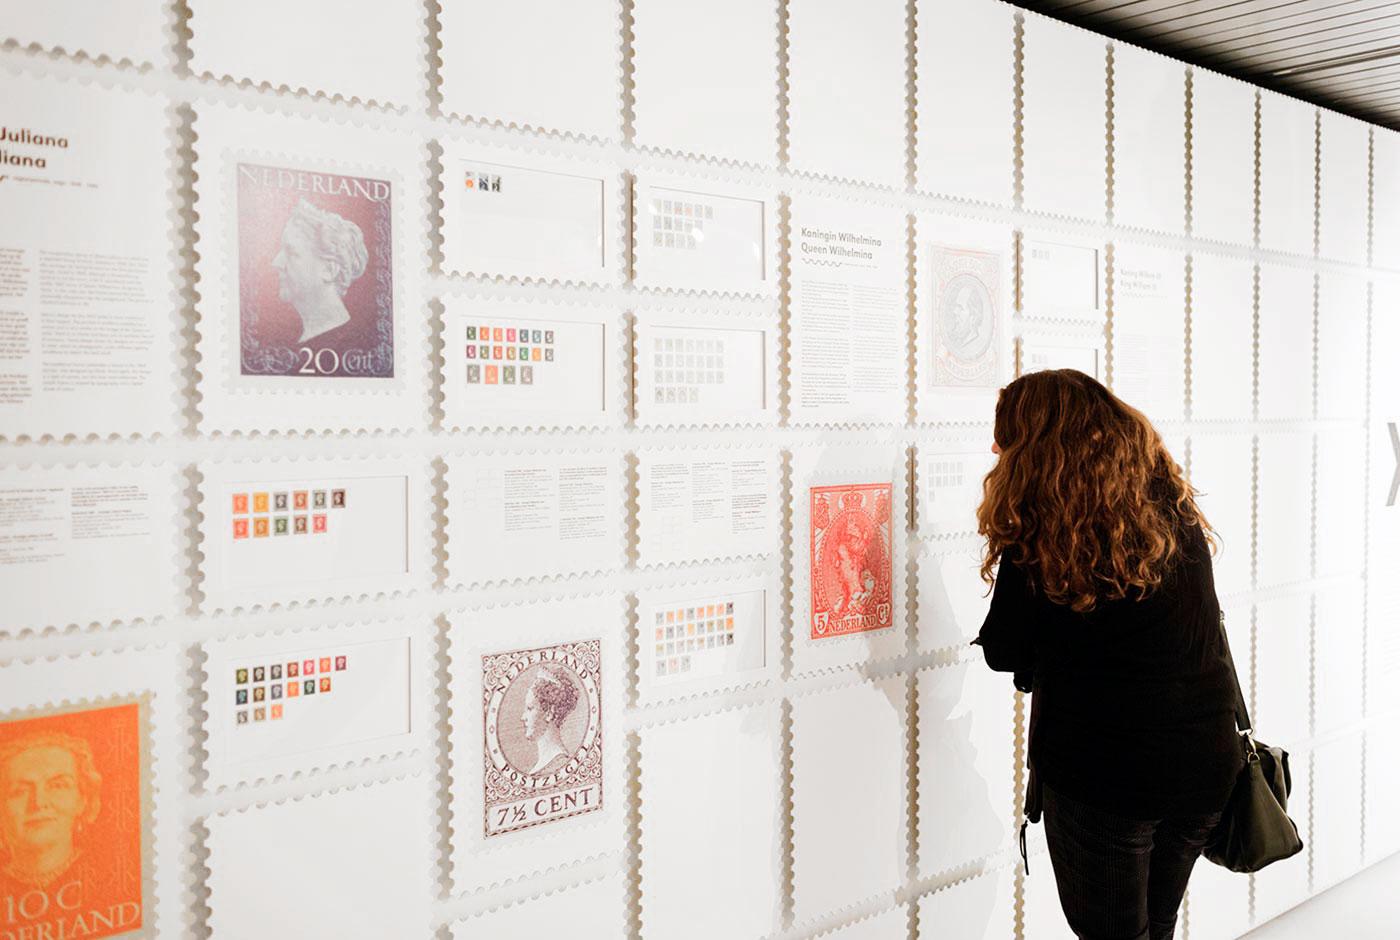 XXS Dutch Design Identity